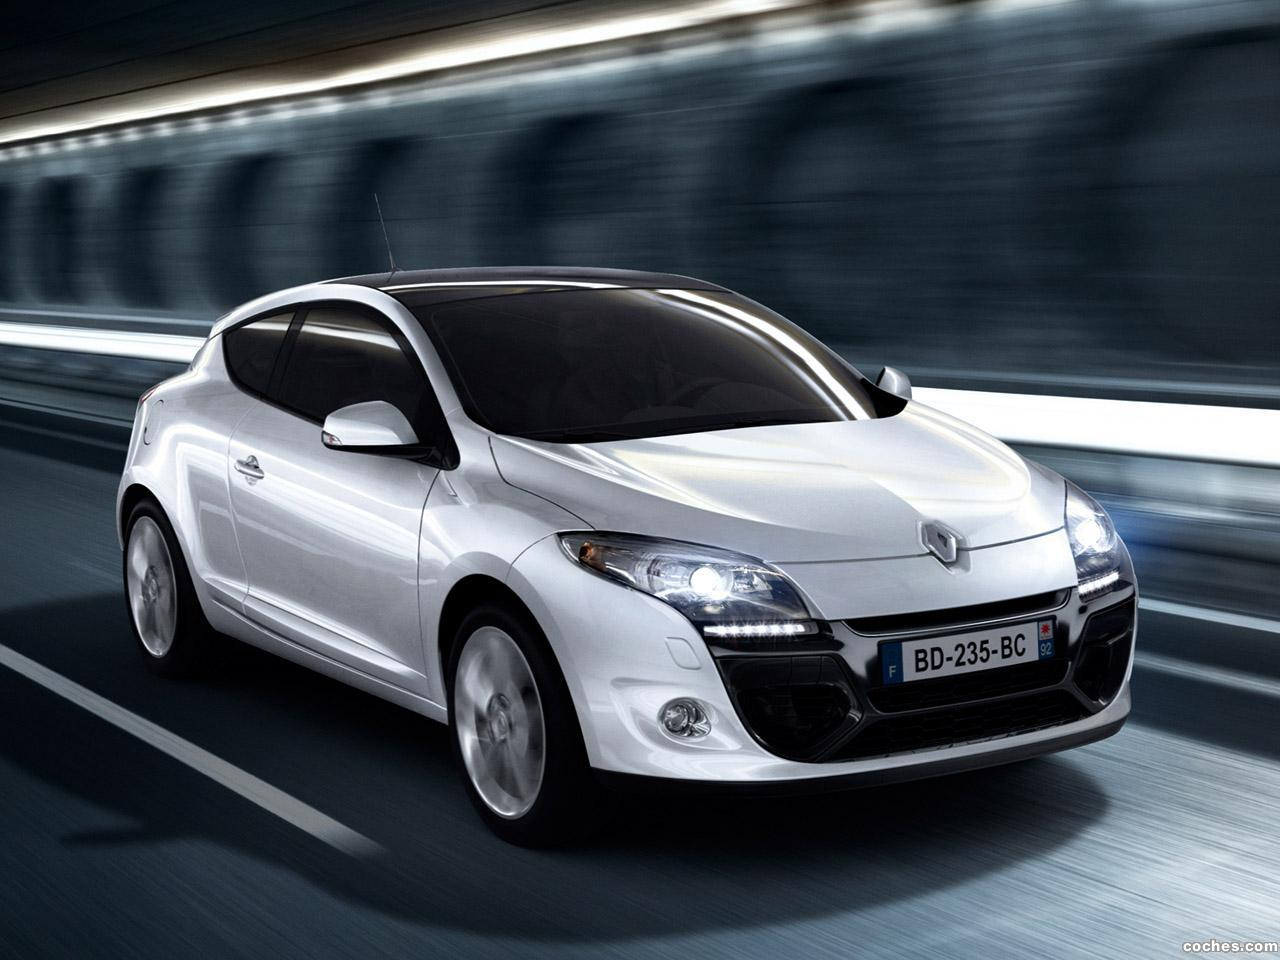 Foto 0 de Renault Megane Coupe 2012